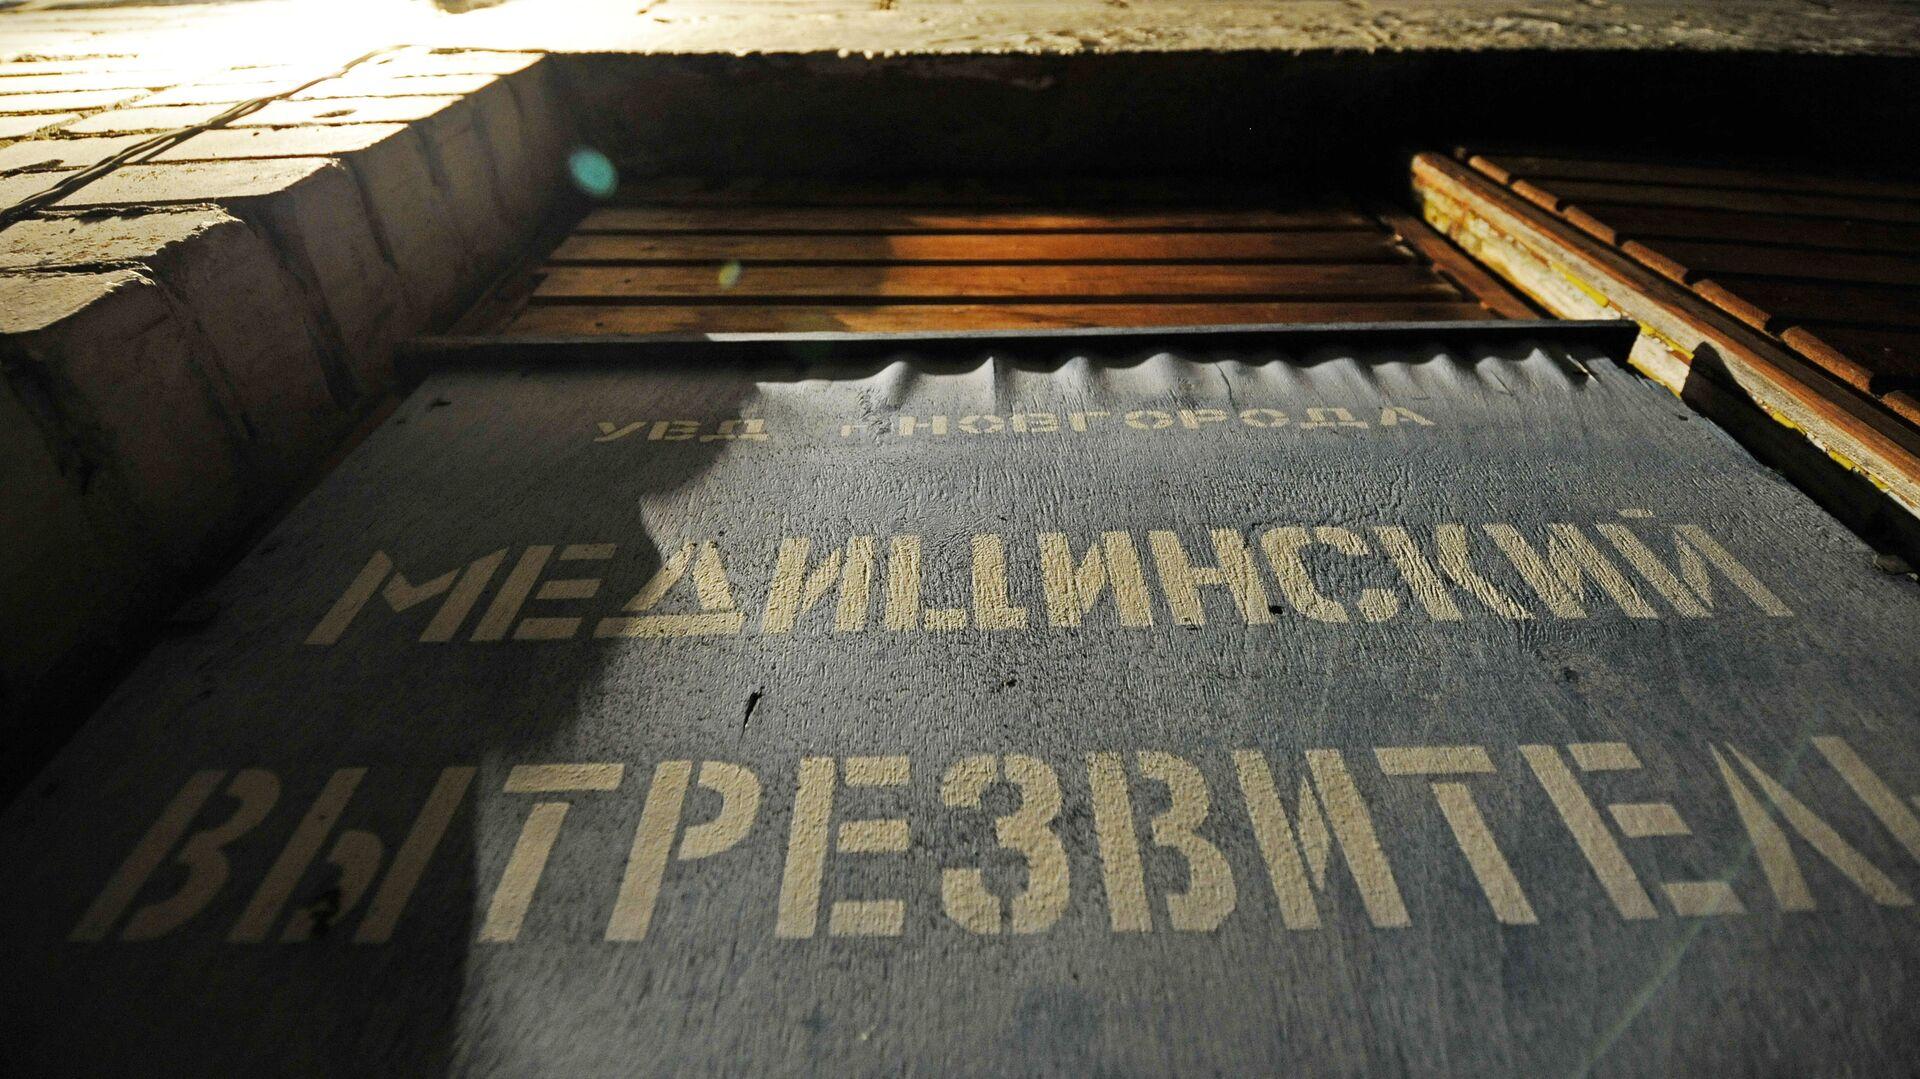 Медицинский вытрезвитель в Великом Новгороде - РИА Новости, 1920, 20.11.2020